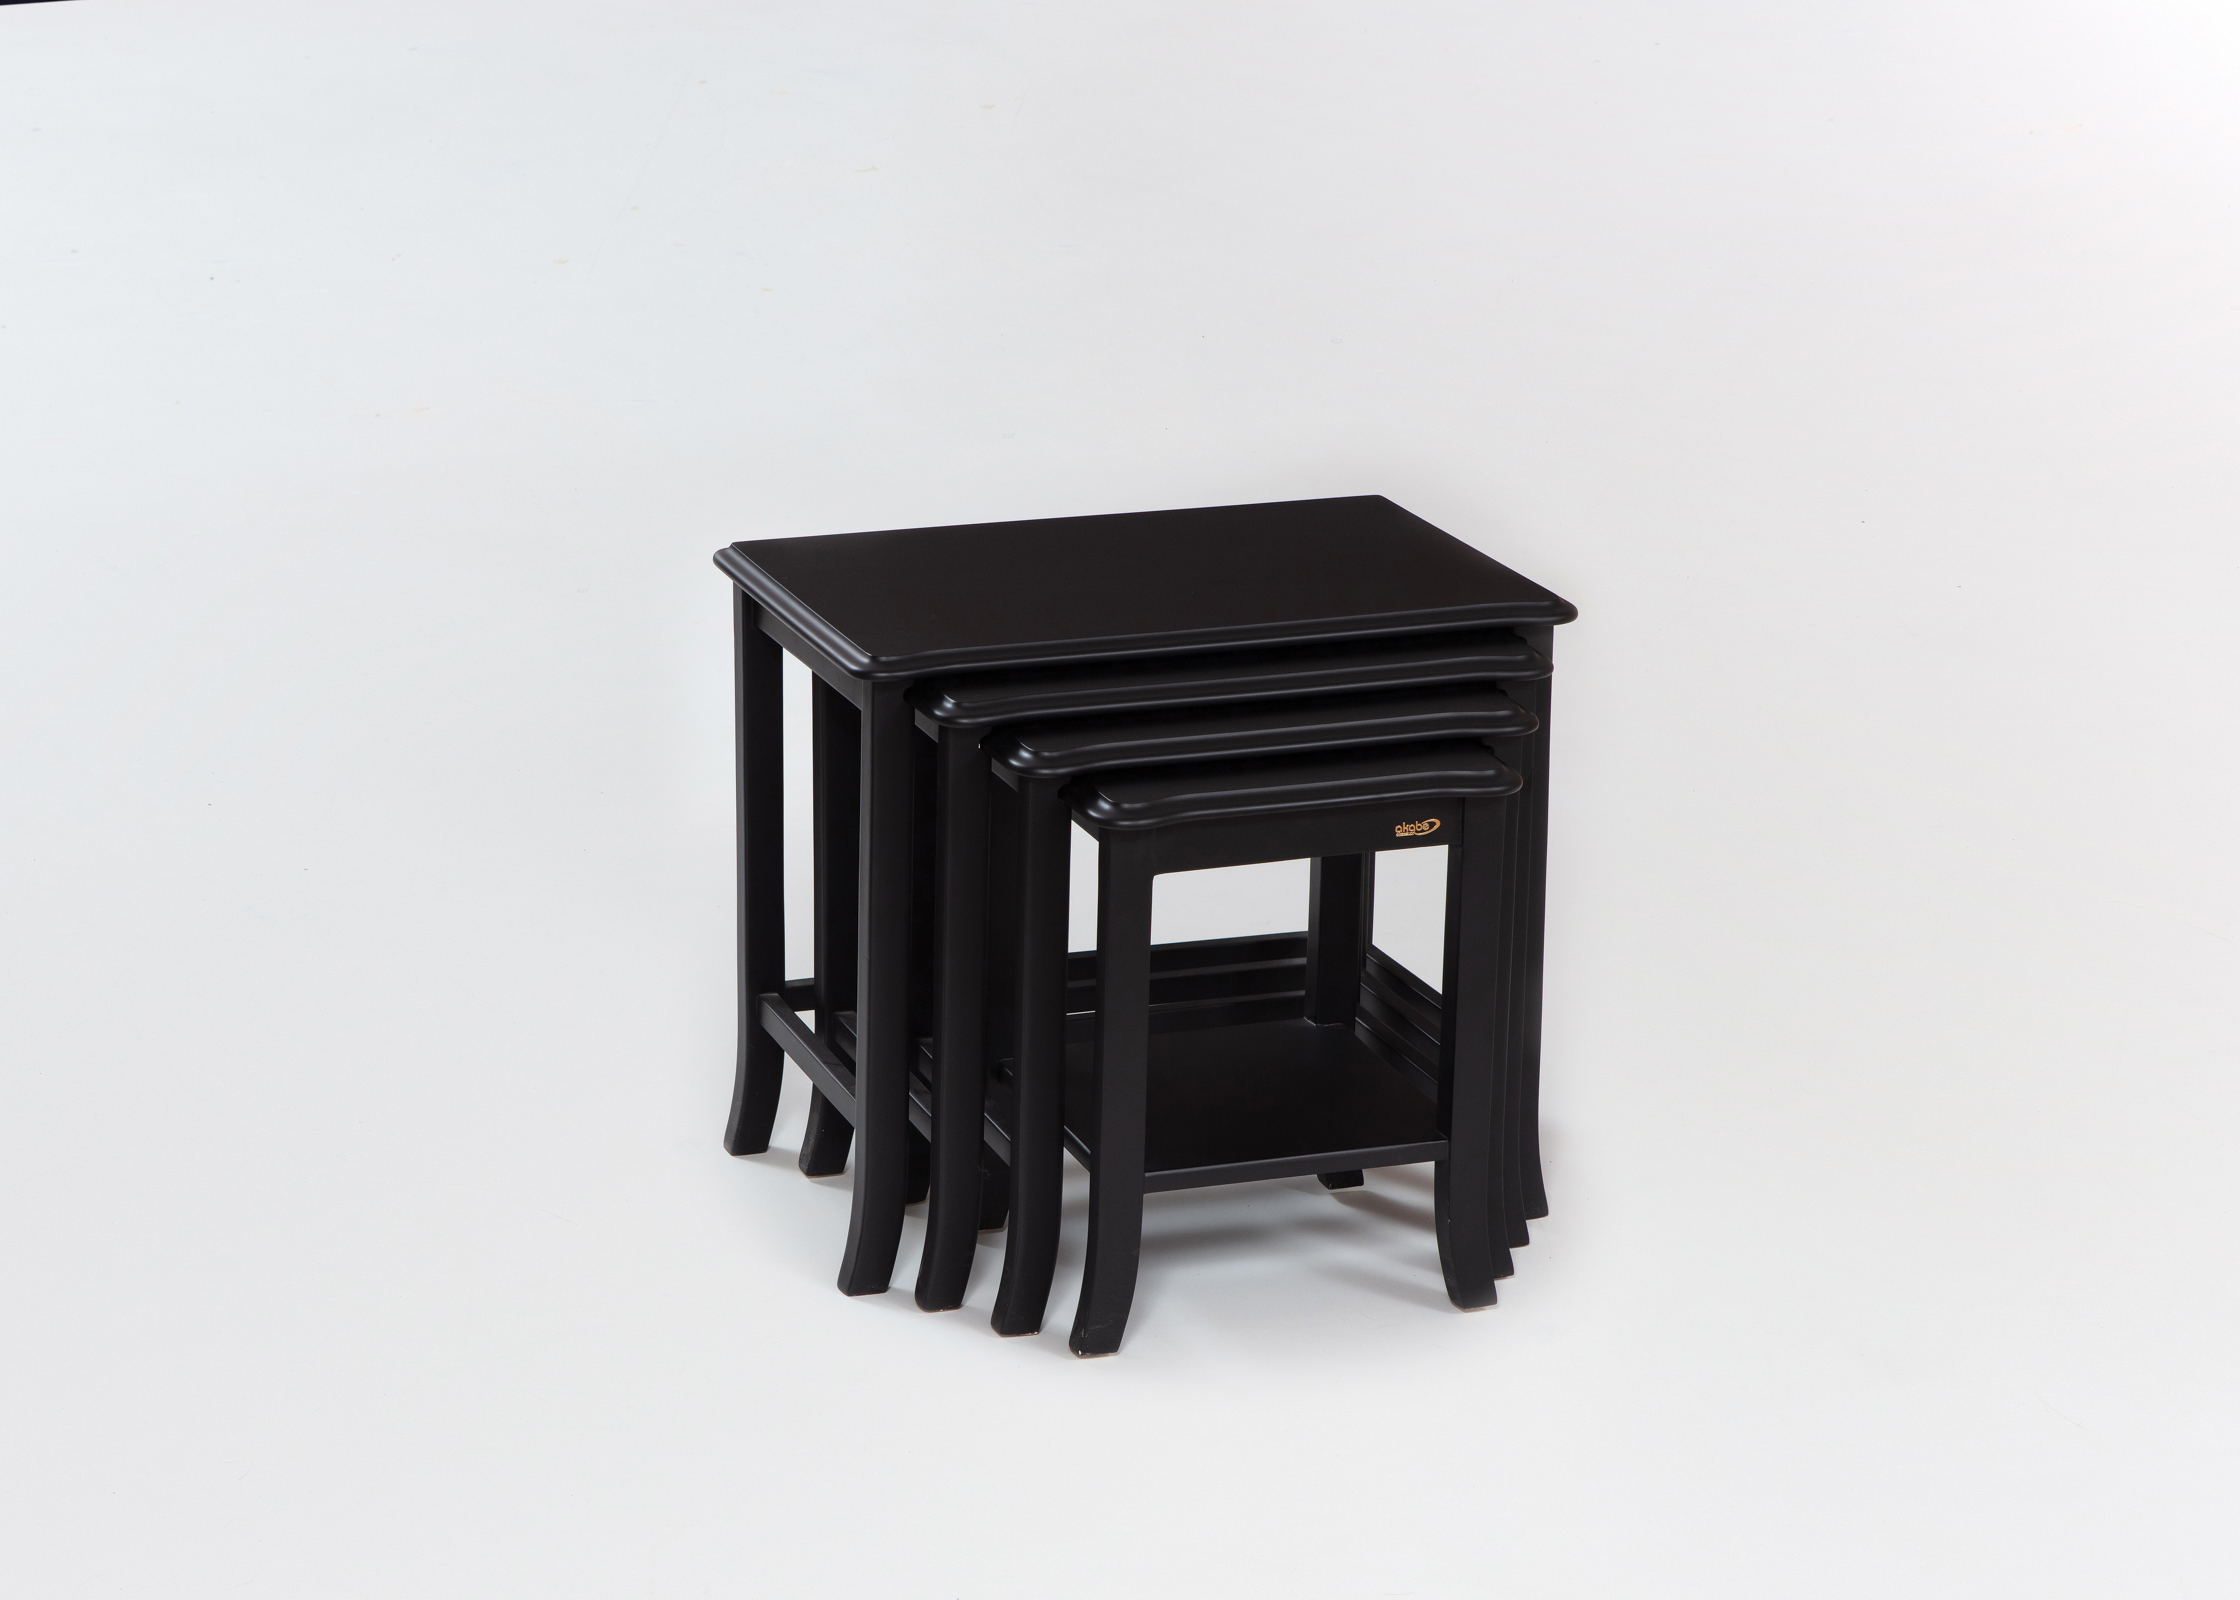 119 COFFE TABLE SET 4 PART